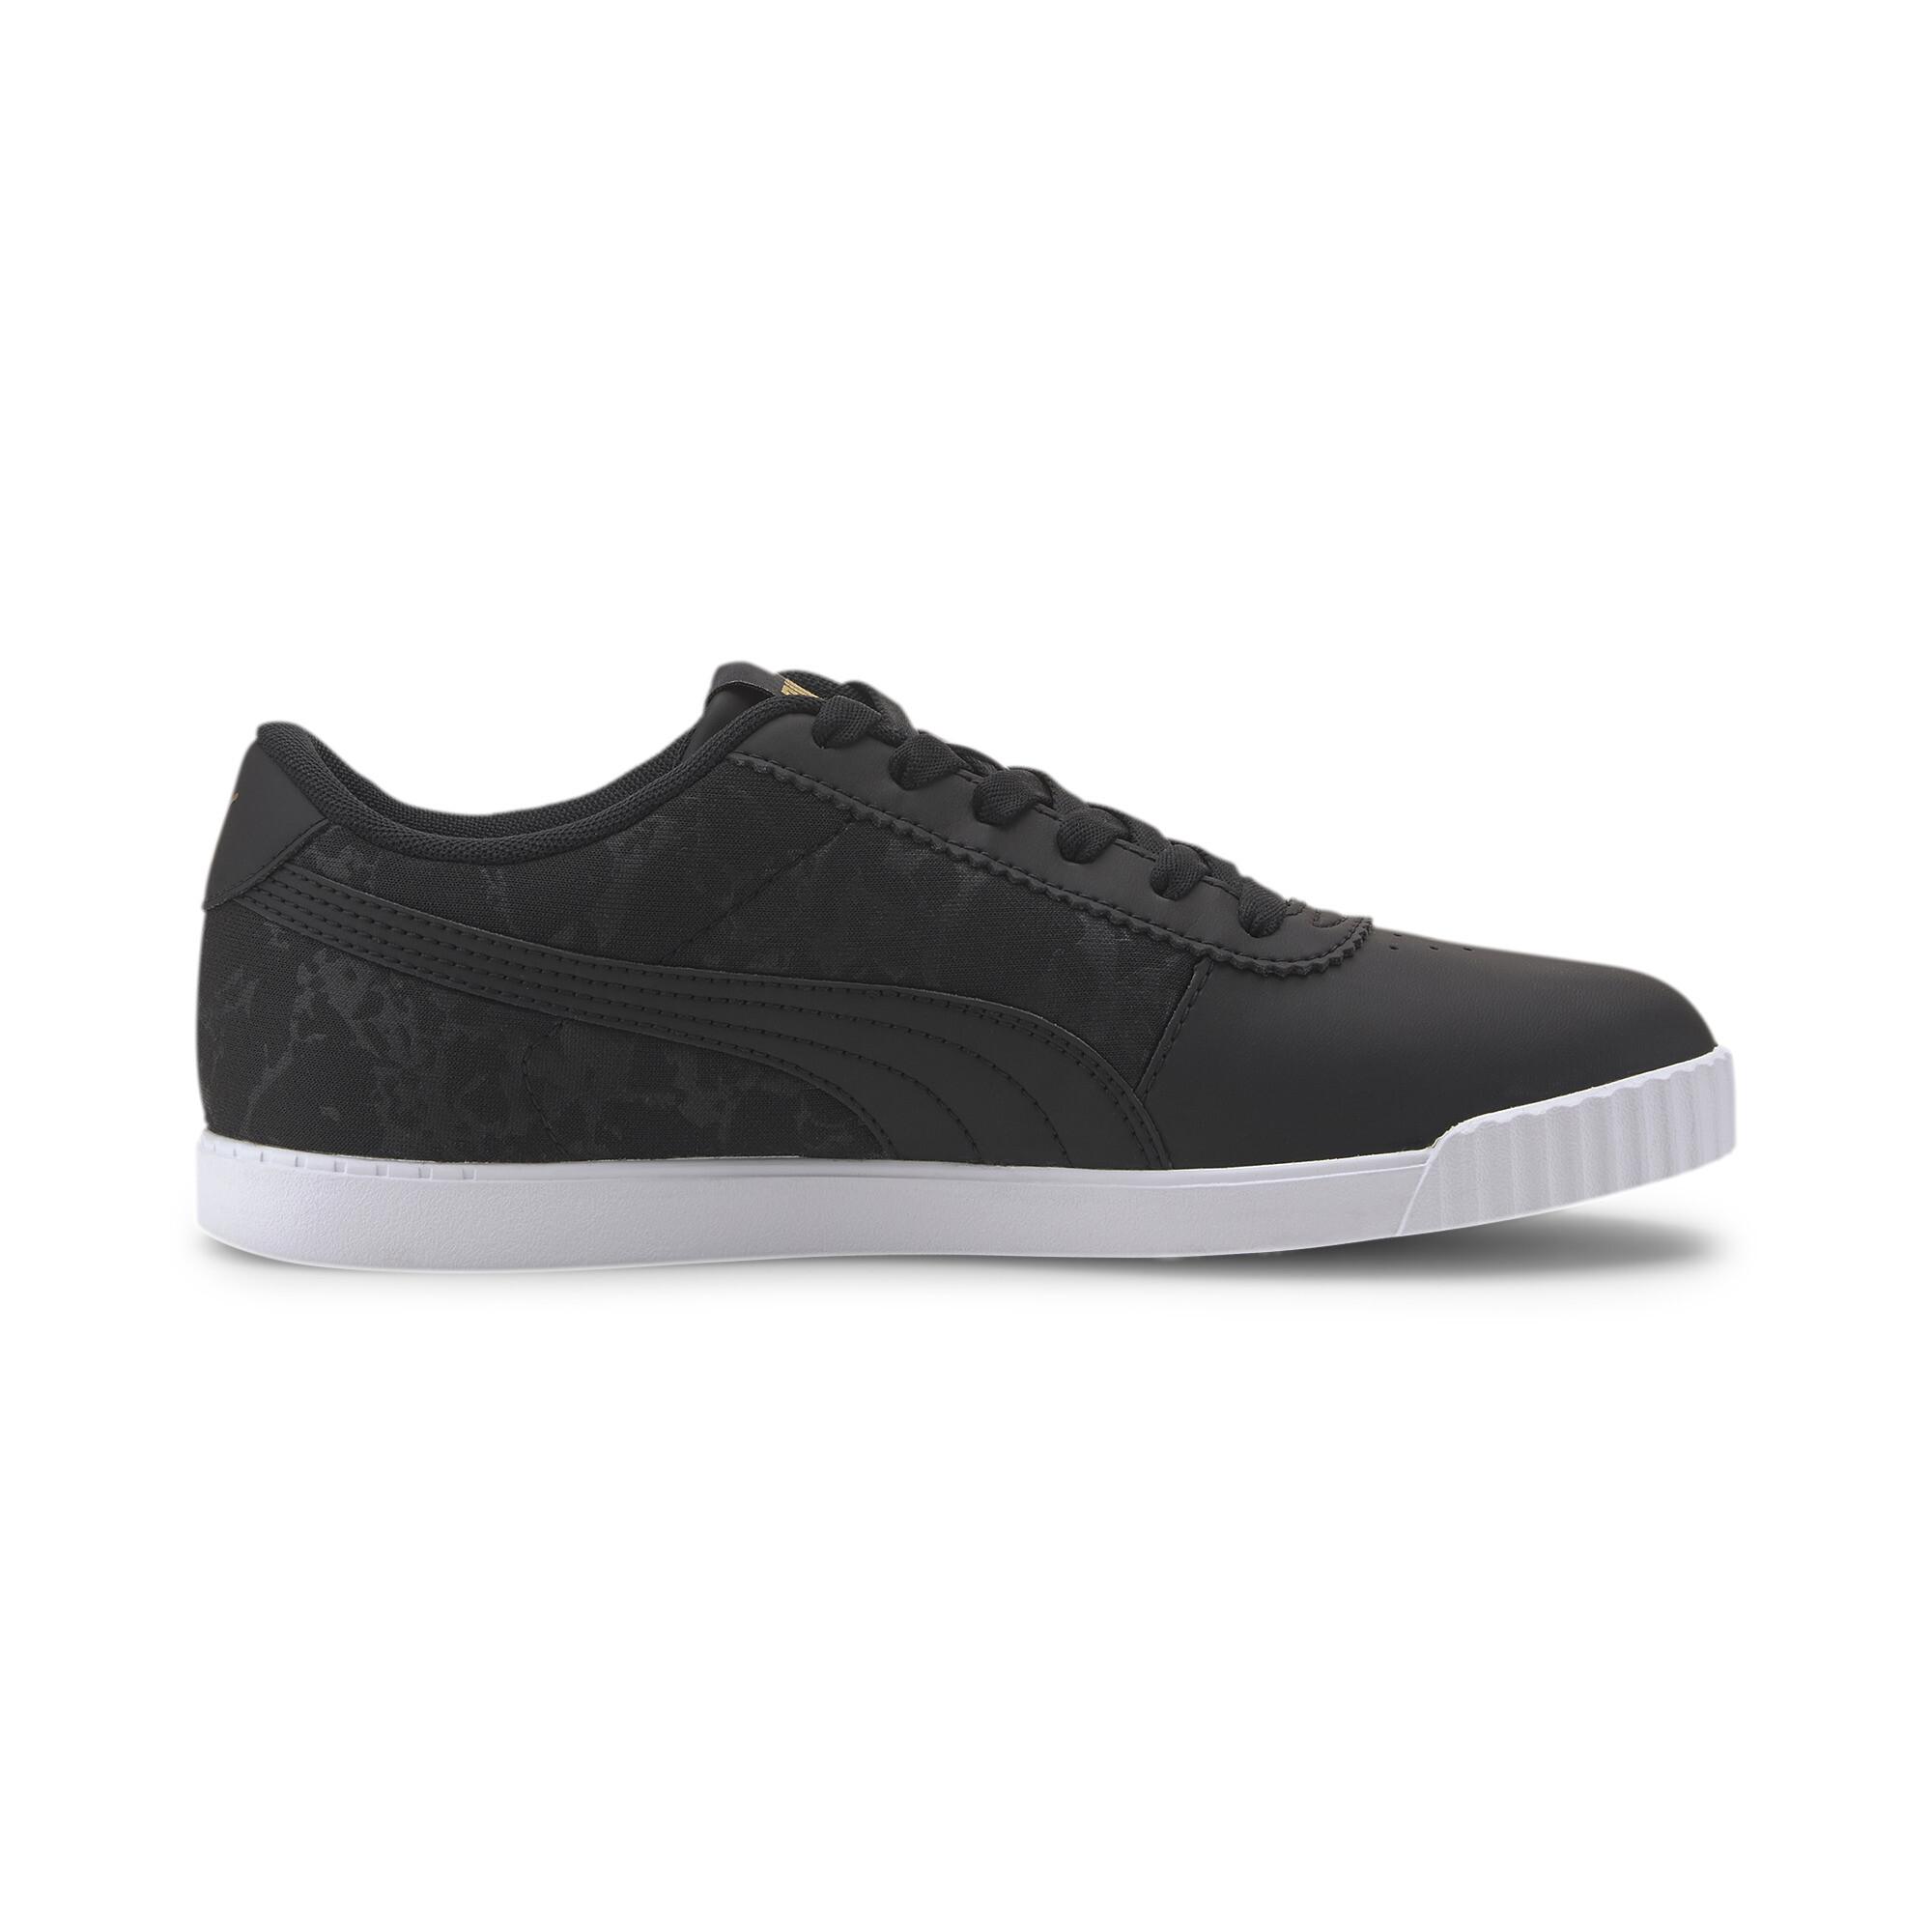 PUMA-Women-039-s-Carina-Slim-Veil-Sneakers thumbnail 14